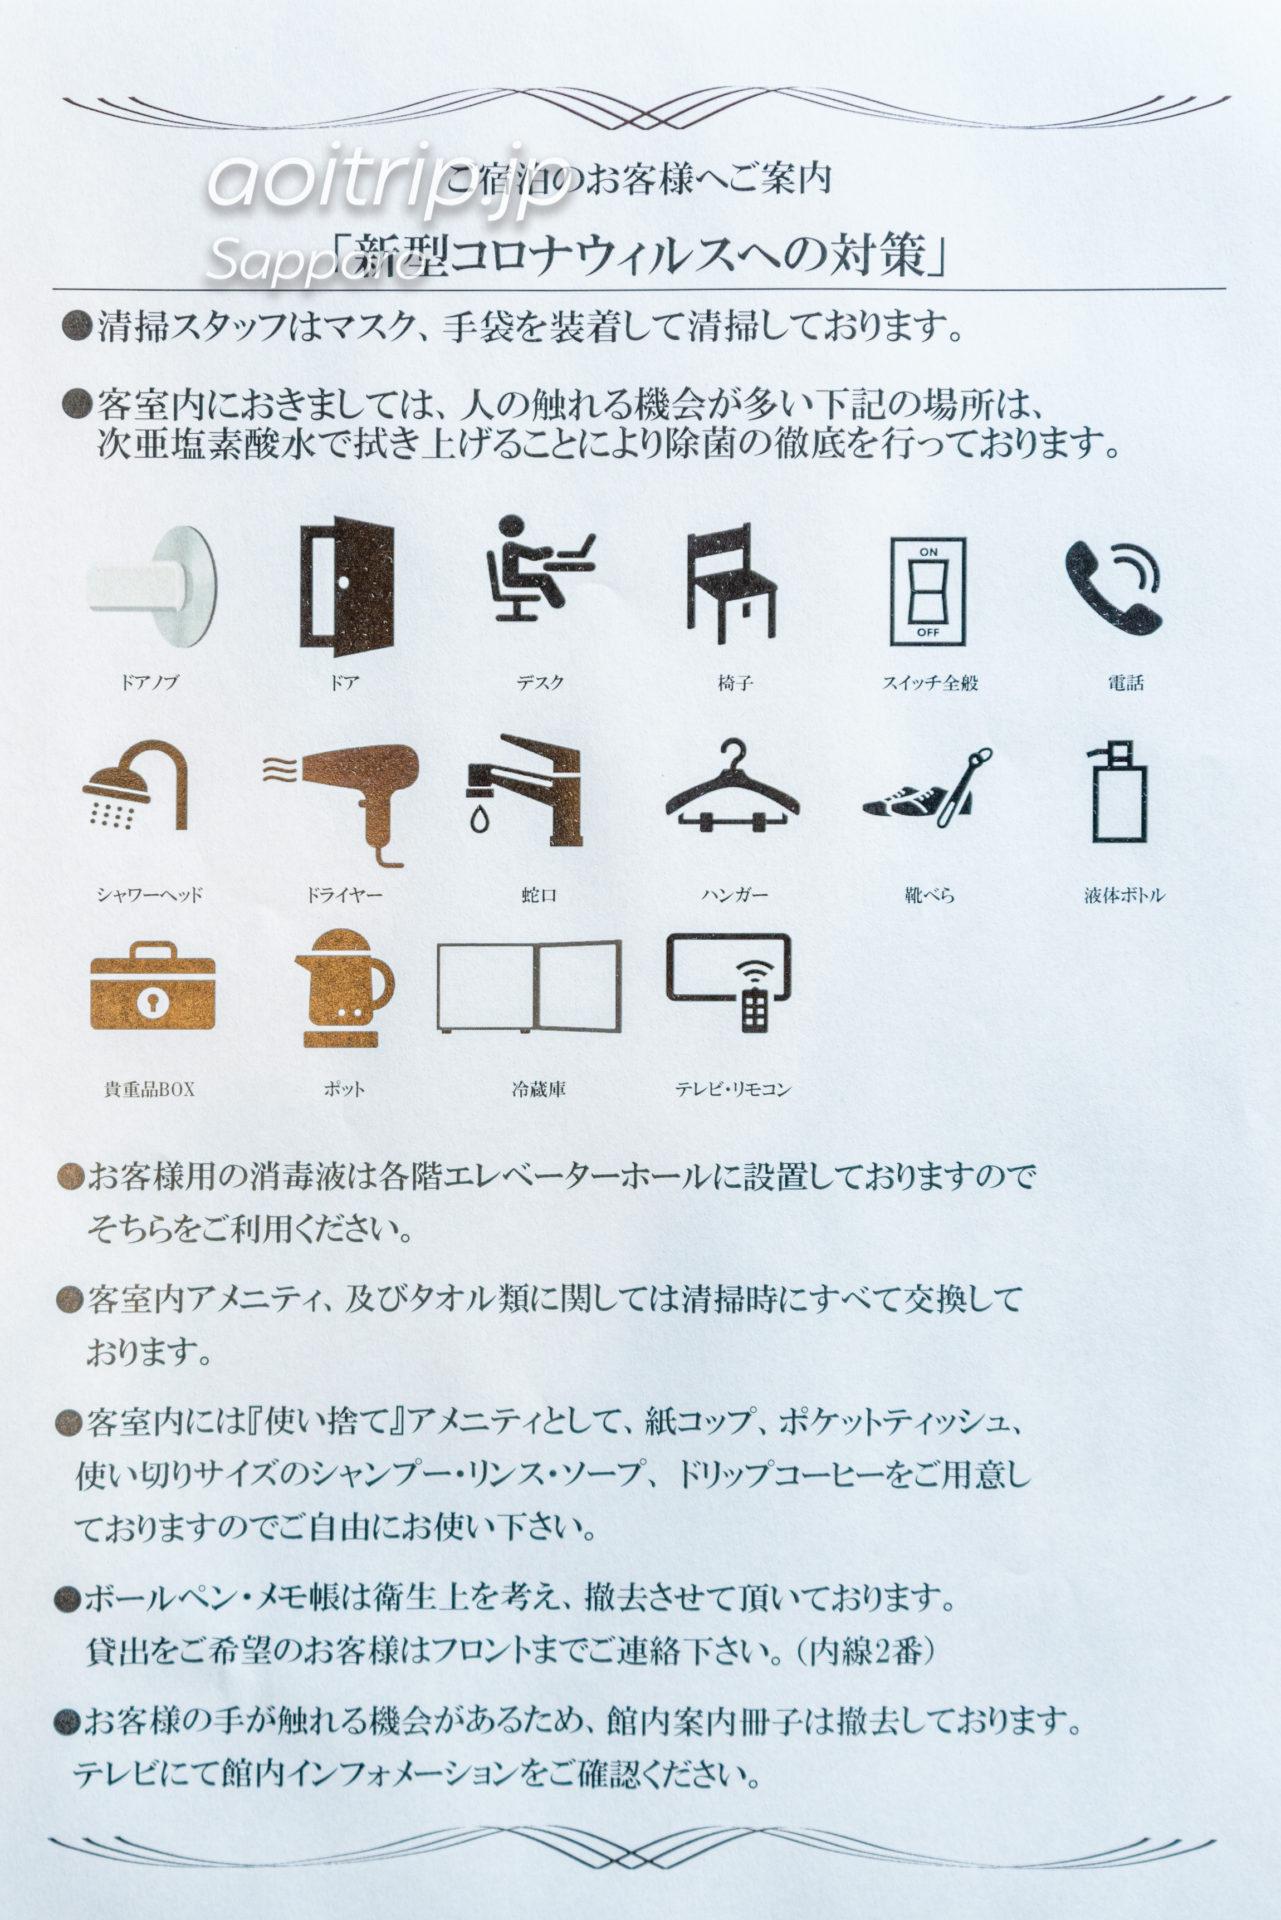 札幌ビューホテルの新型コロナウイルス対策